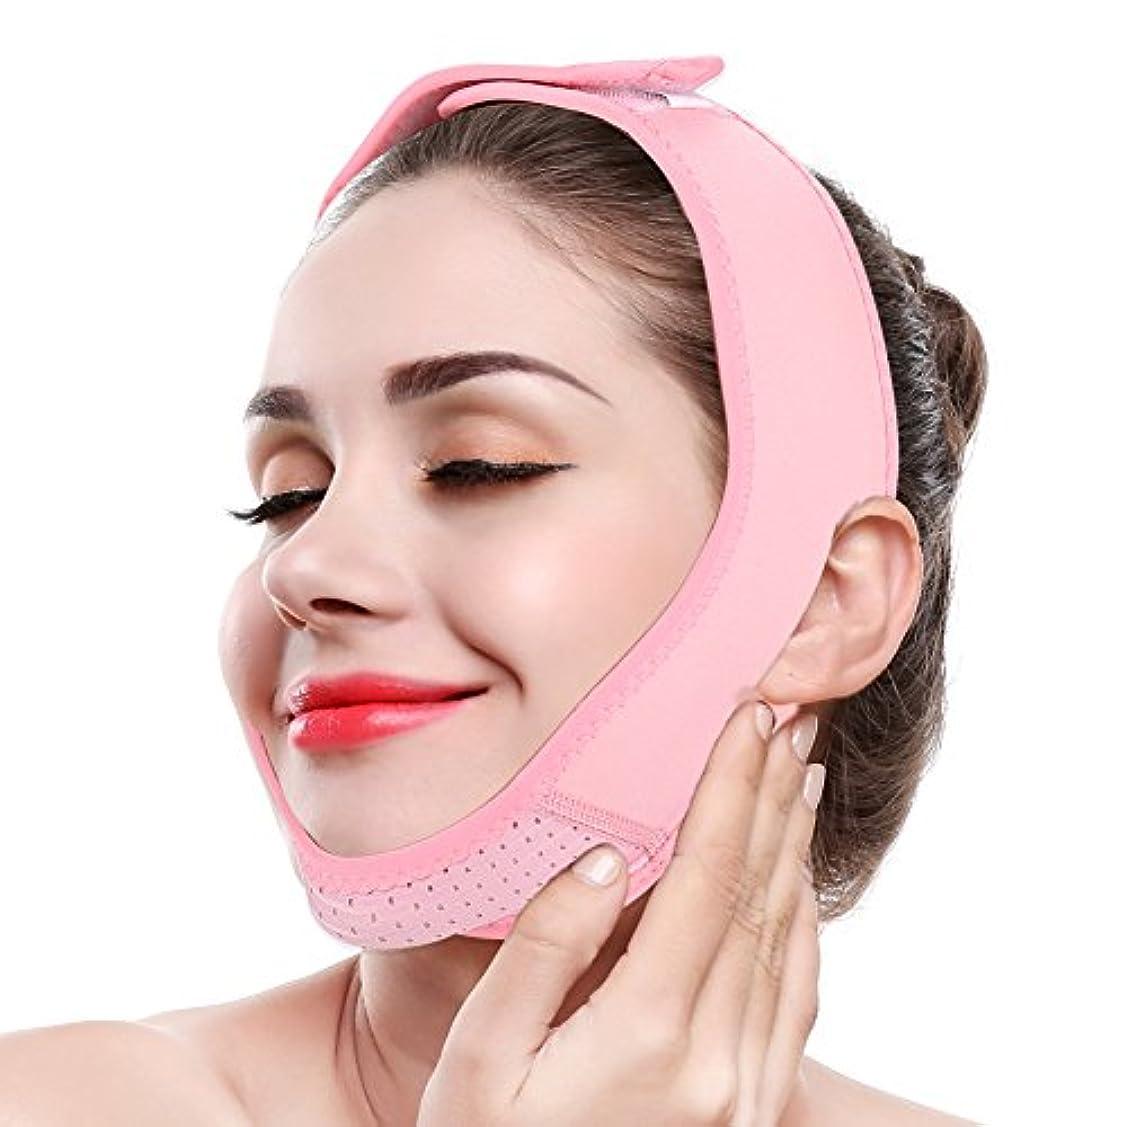 キリン編集者にじみ出るSoarUp フェイスベルト 引き上げマスク フェイスラインベルト 小顔 矯正 マスク 二重あご 美顔器